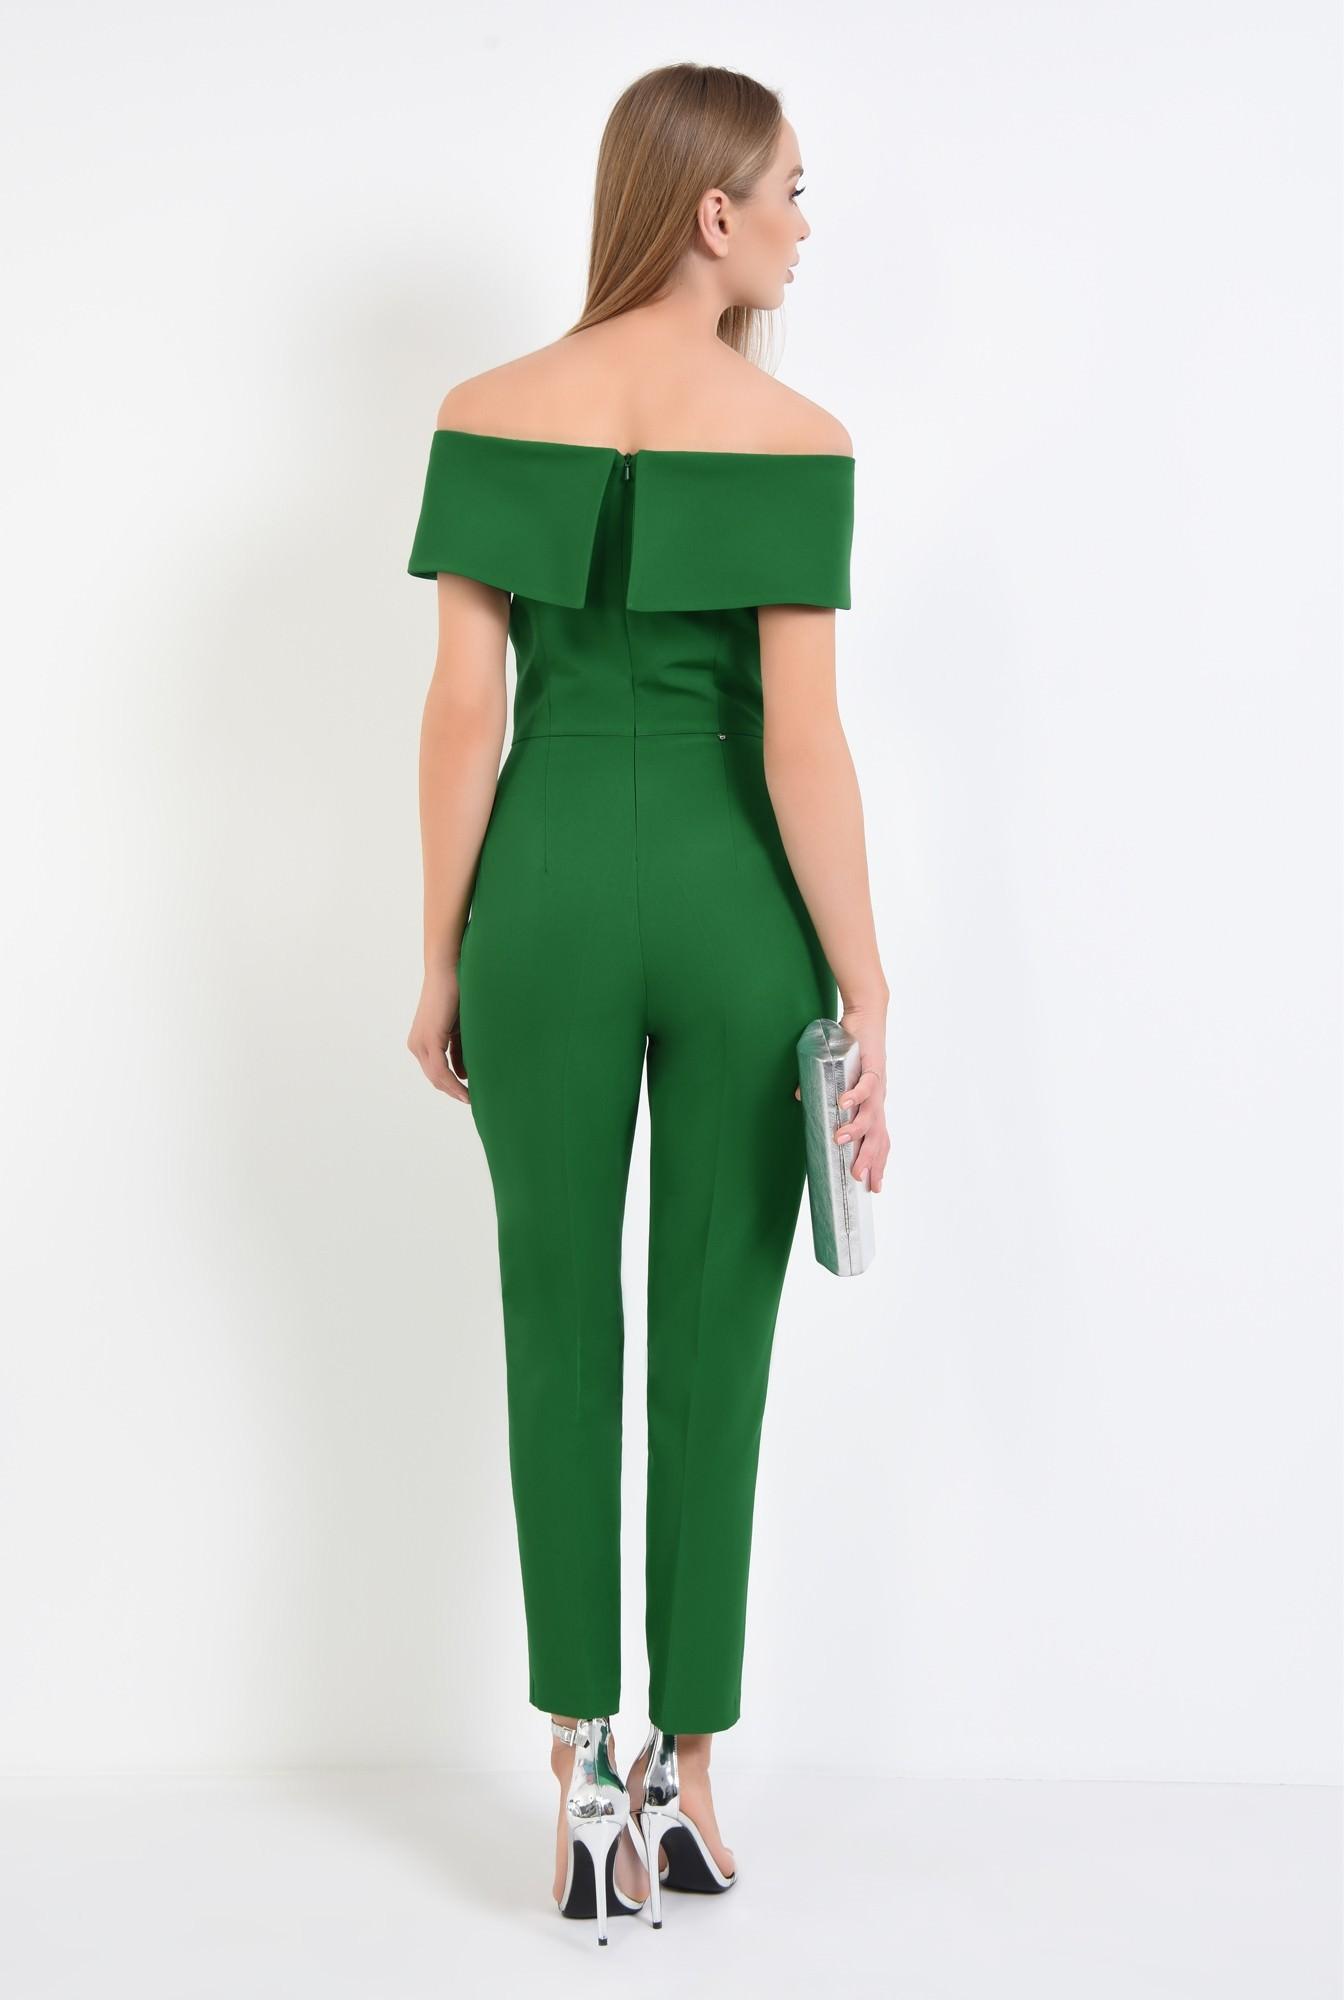 1 - salopeta eleganta, verde, brosa, umeri goi